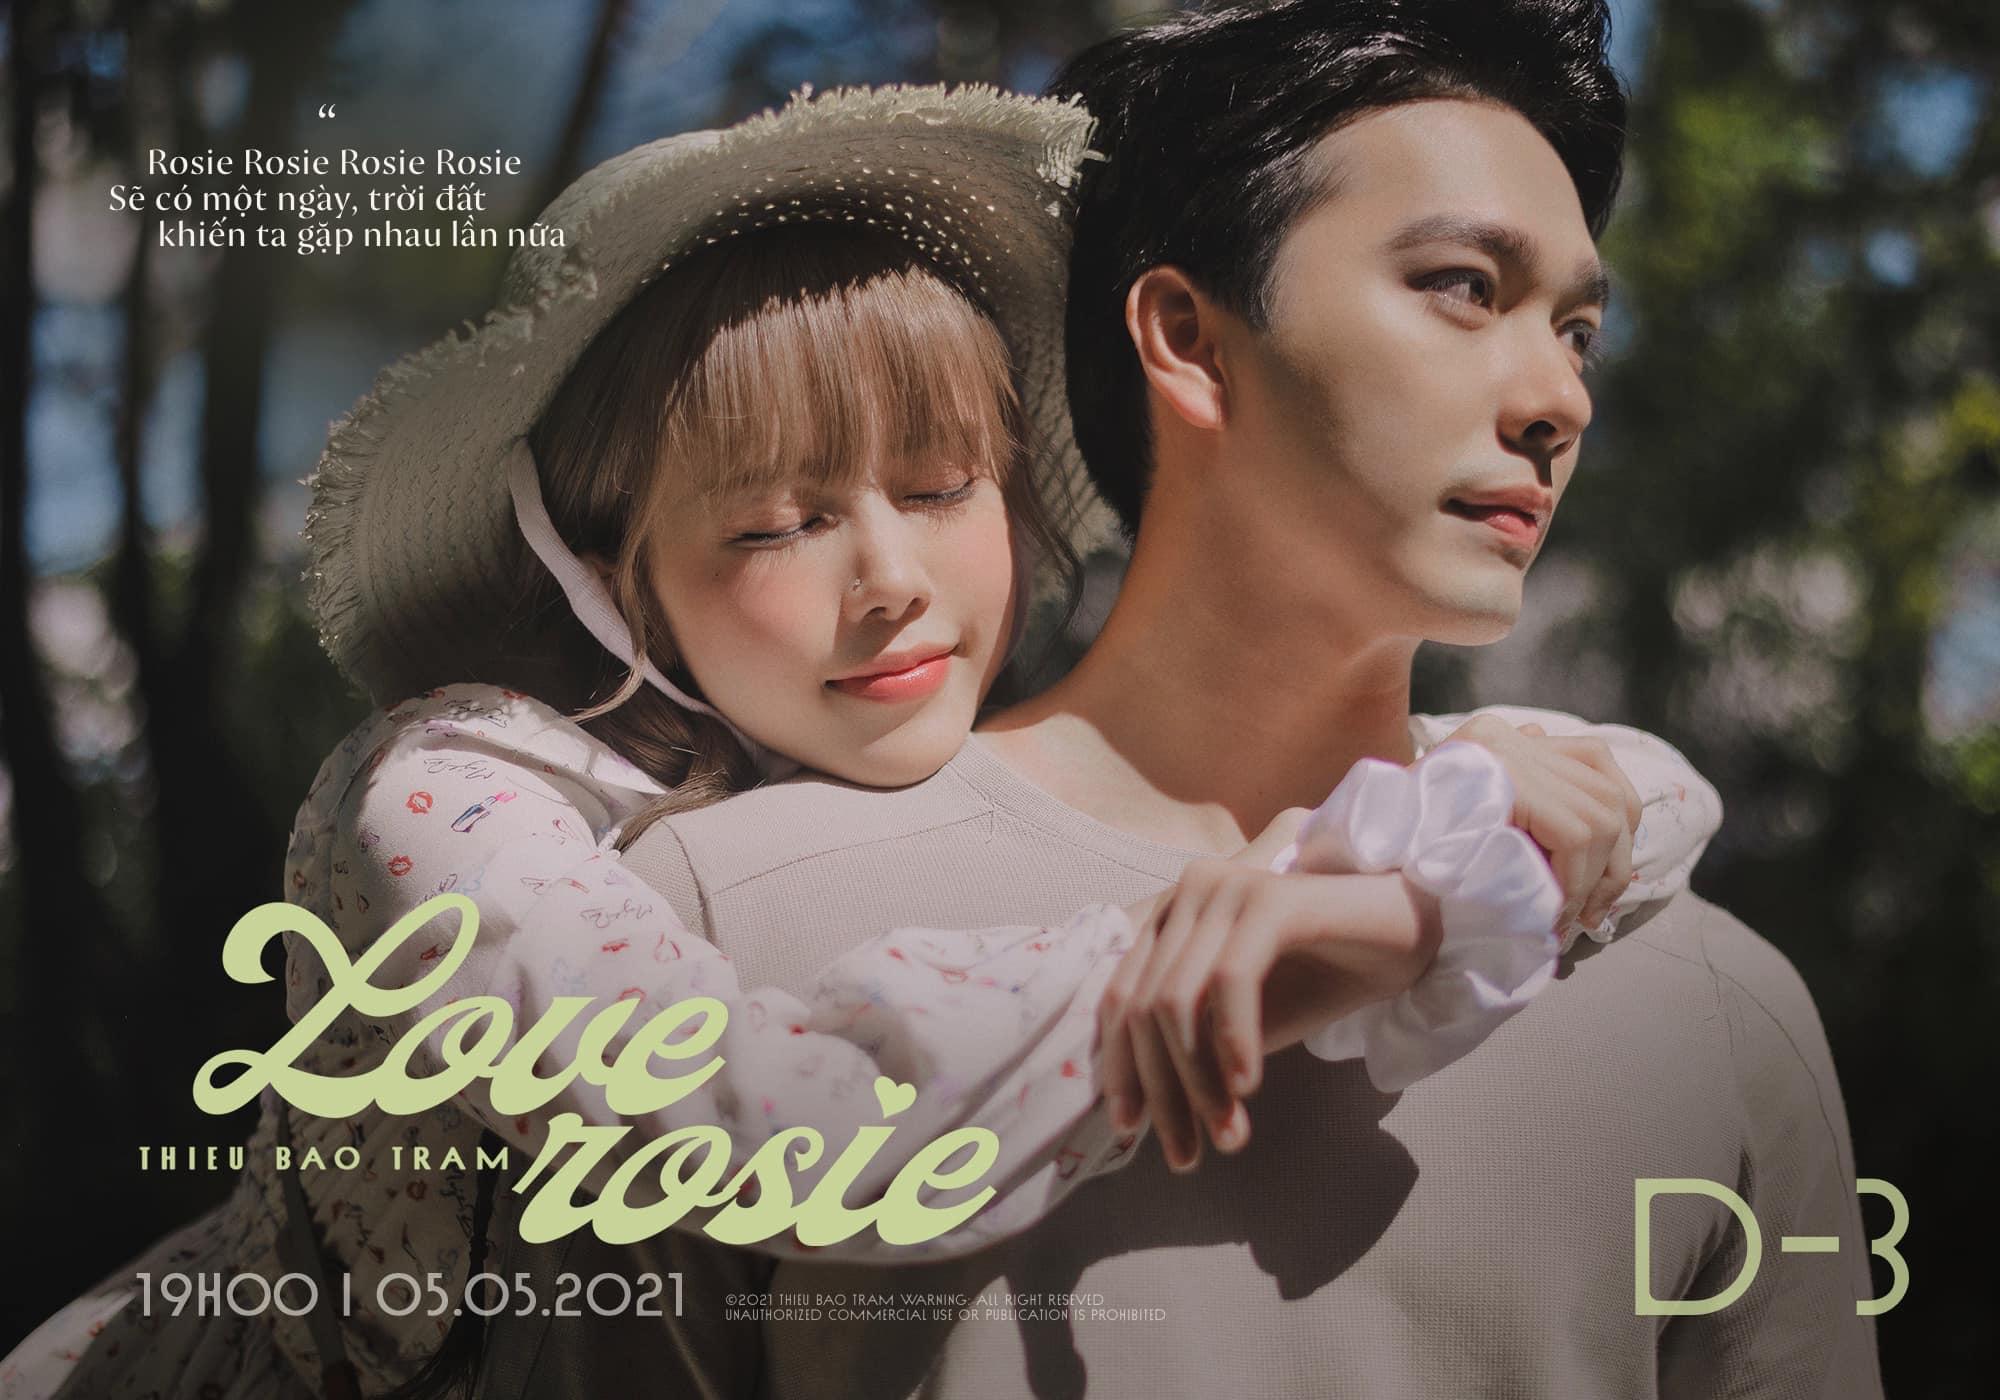 Thiều Bảo Trâm gần đây liên tục nhá hàng hình ảnh ôm ấp, ngọt ngào bên chàng trai trẻ. Đây chính là người yêu của cô trong MV Love Rosie sắp phát hành.